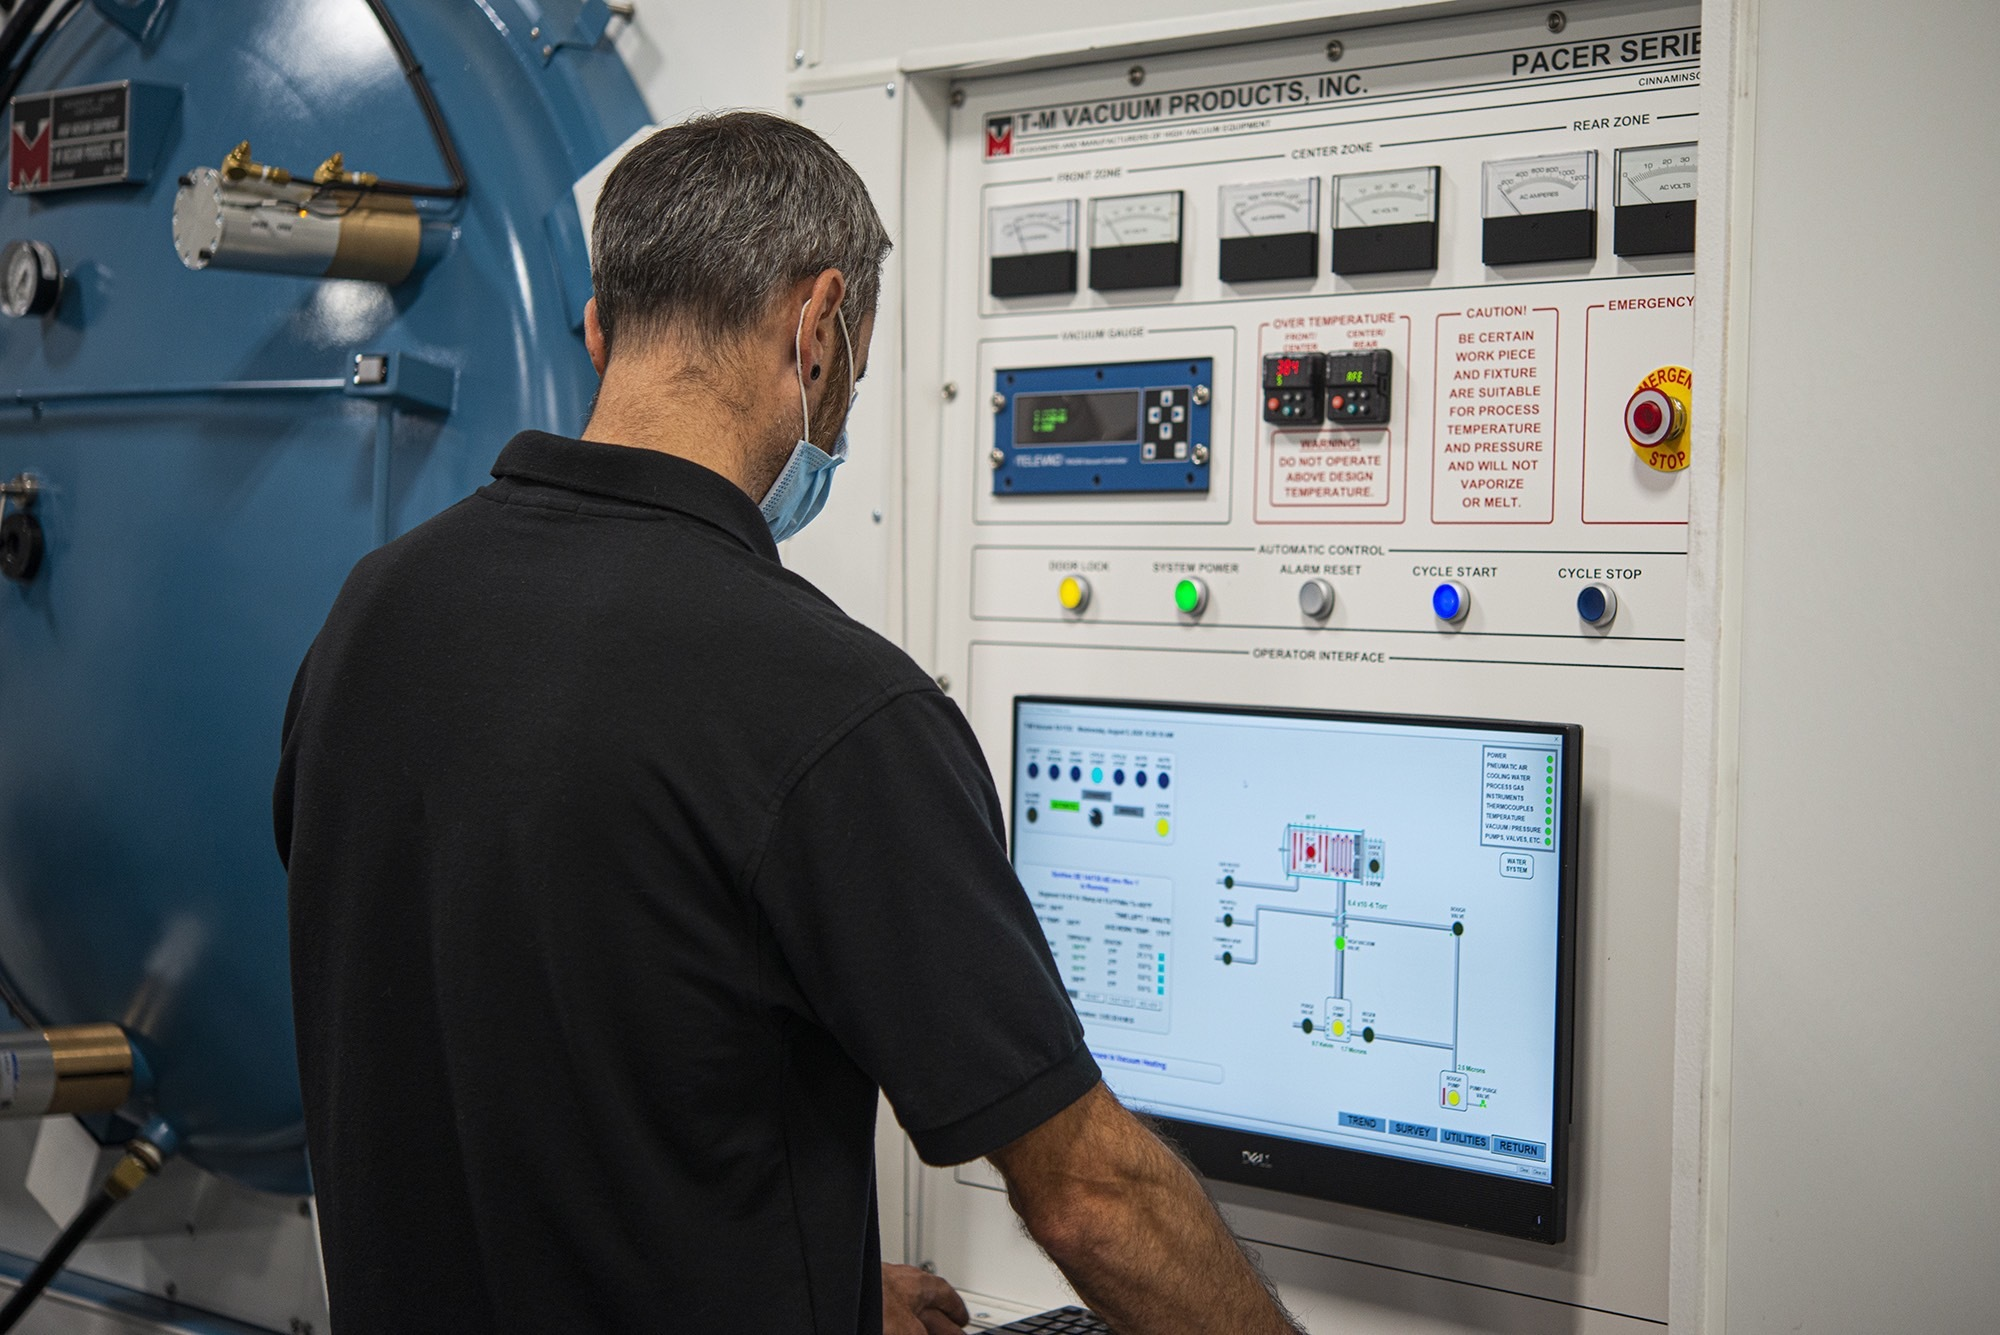 Vacu Braze employee reviewing screen